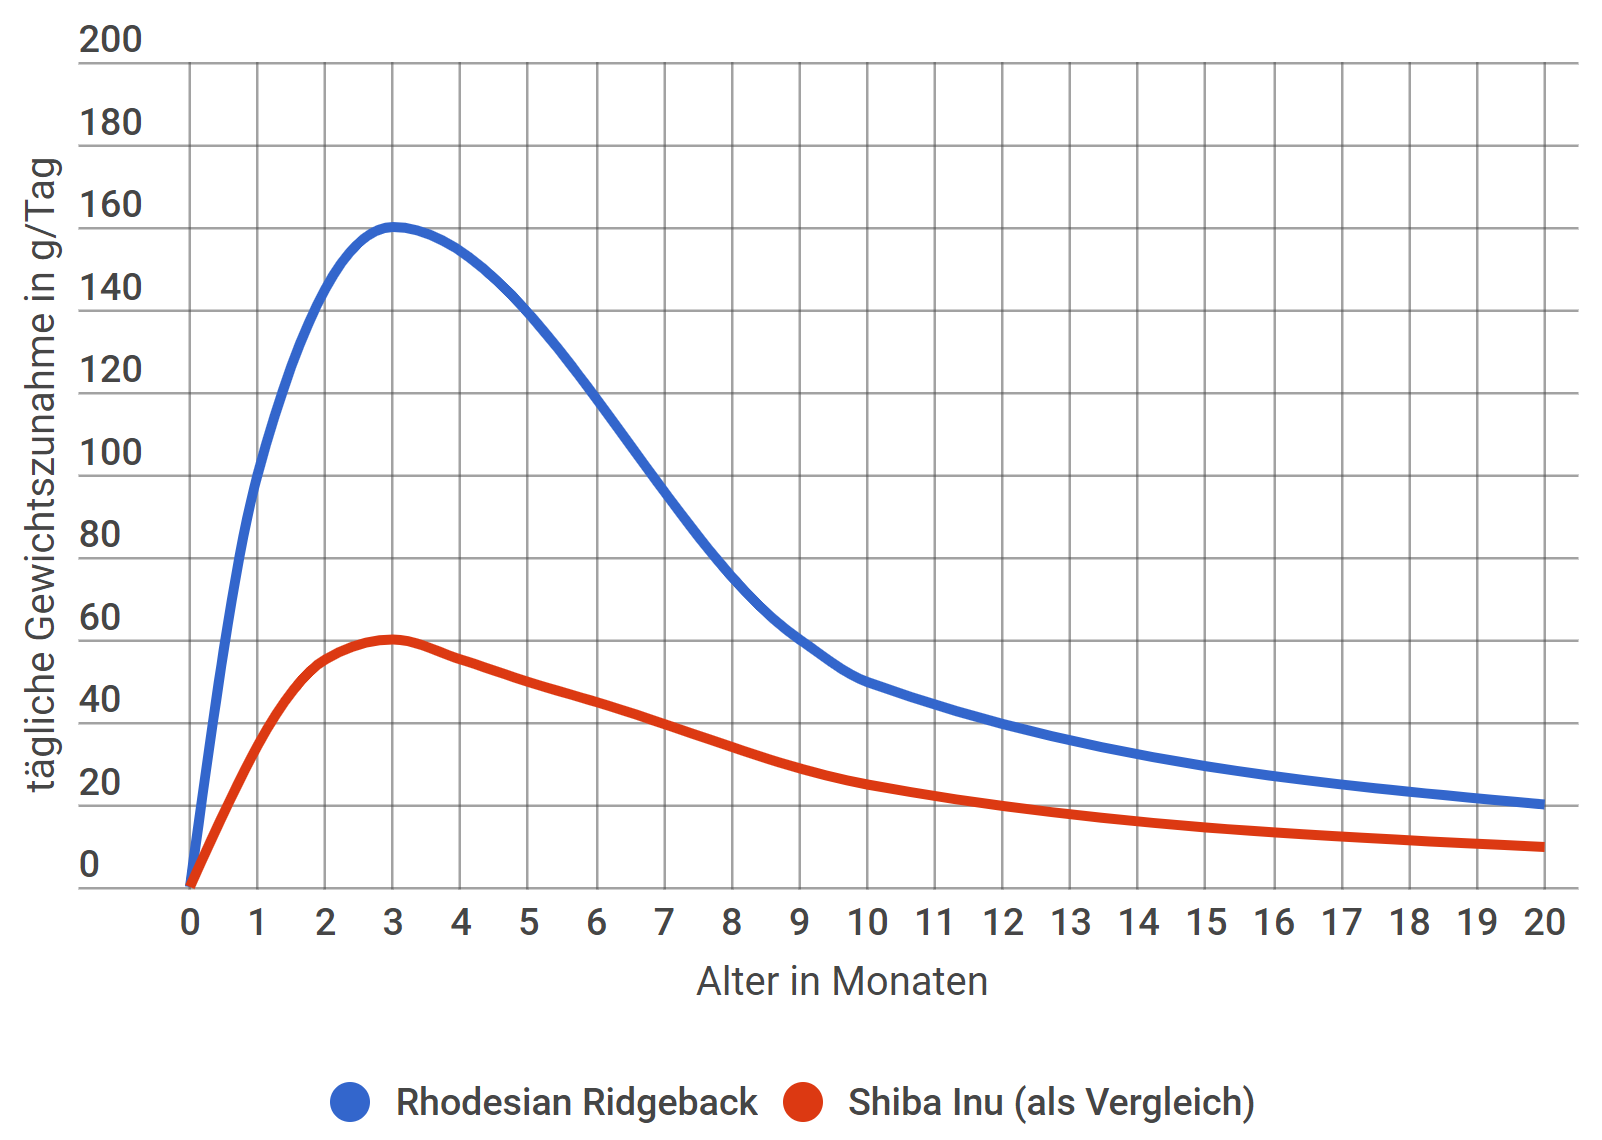 Rhodesian Ridgeback tägliche Gewichtszunahme